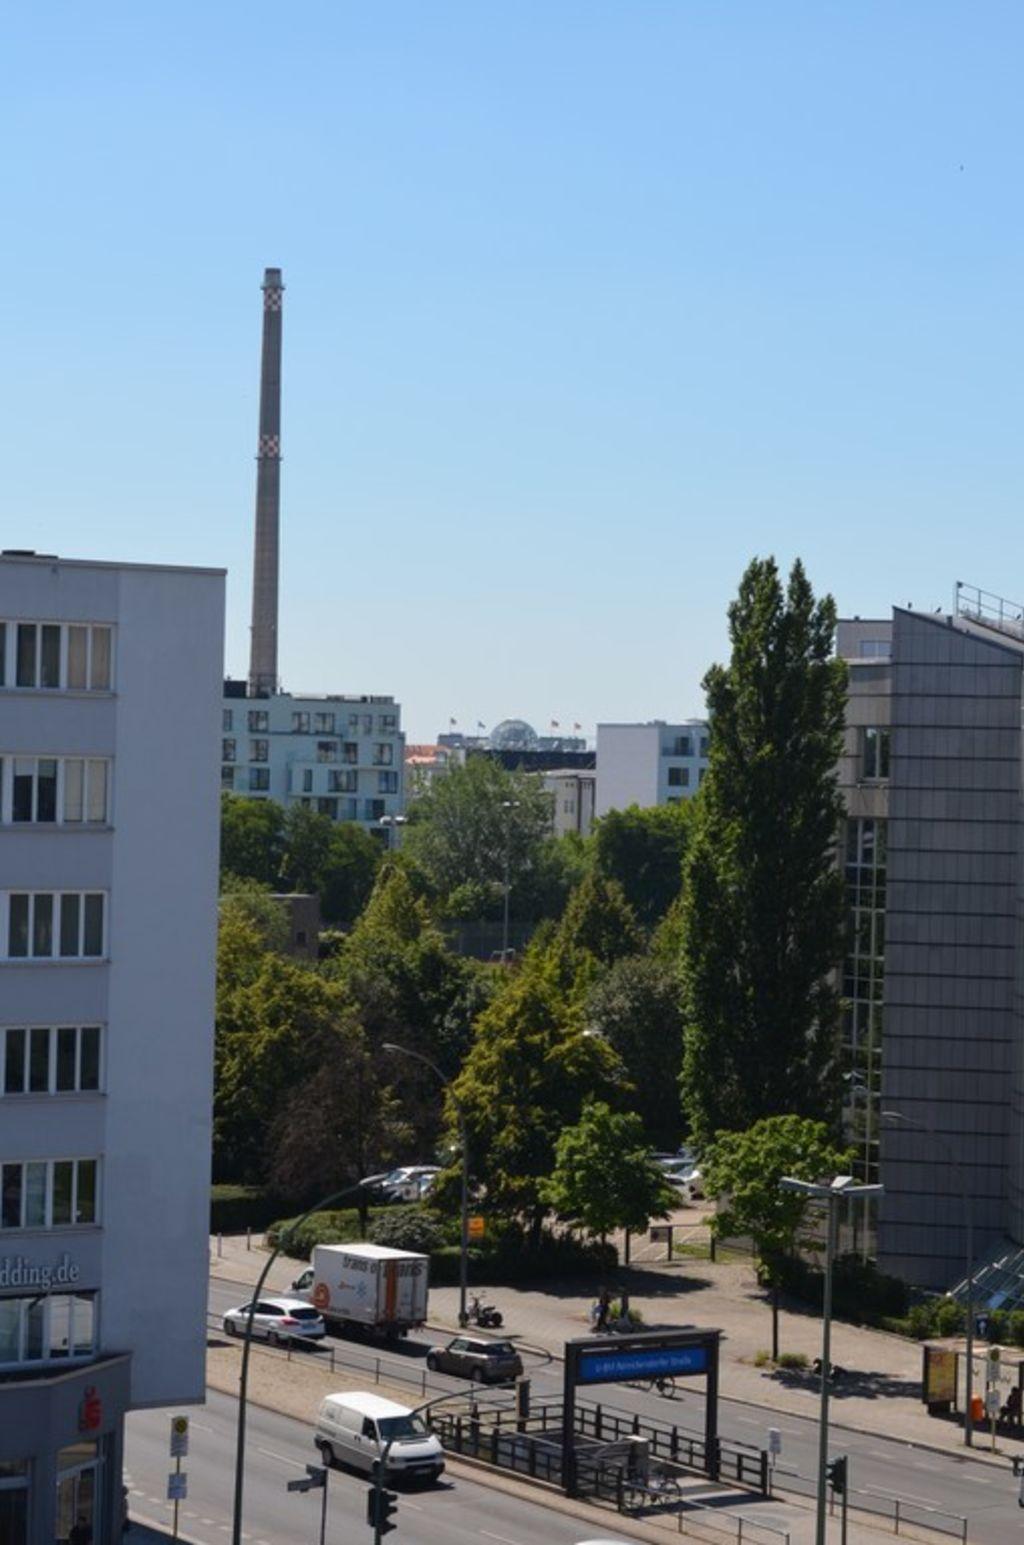 Reinickendorfer Straße